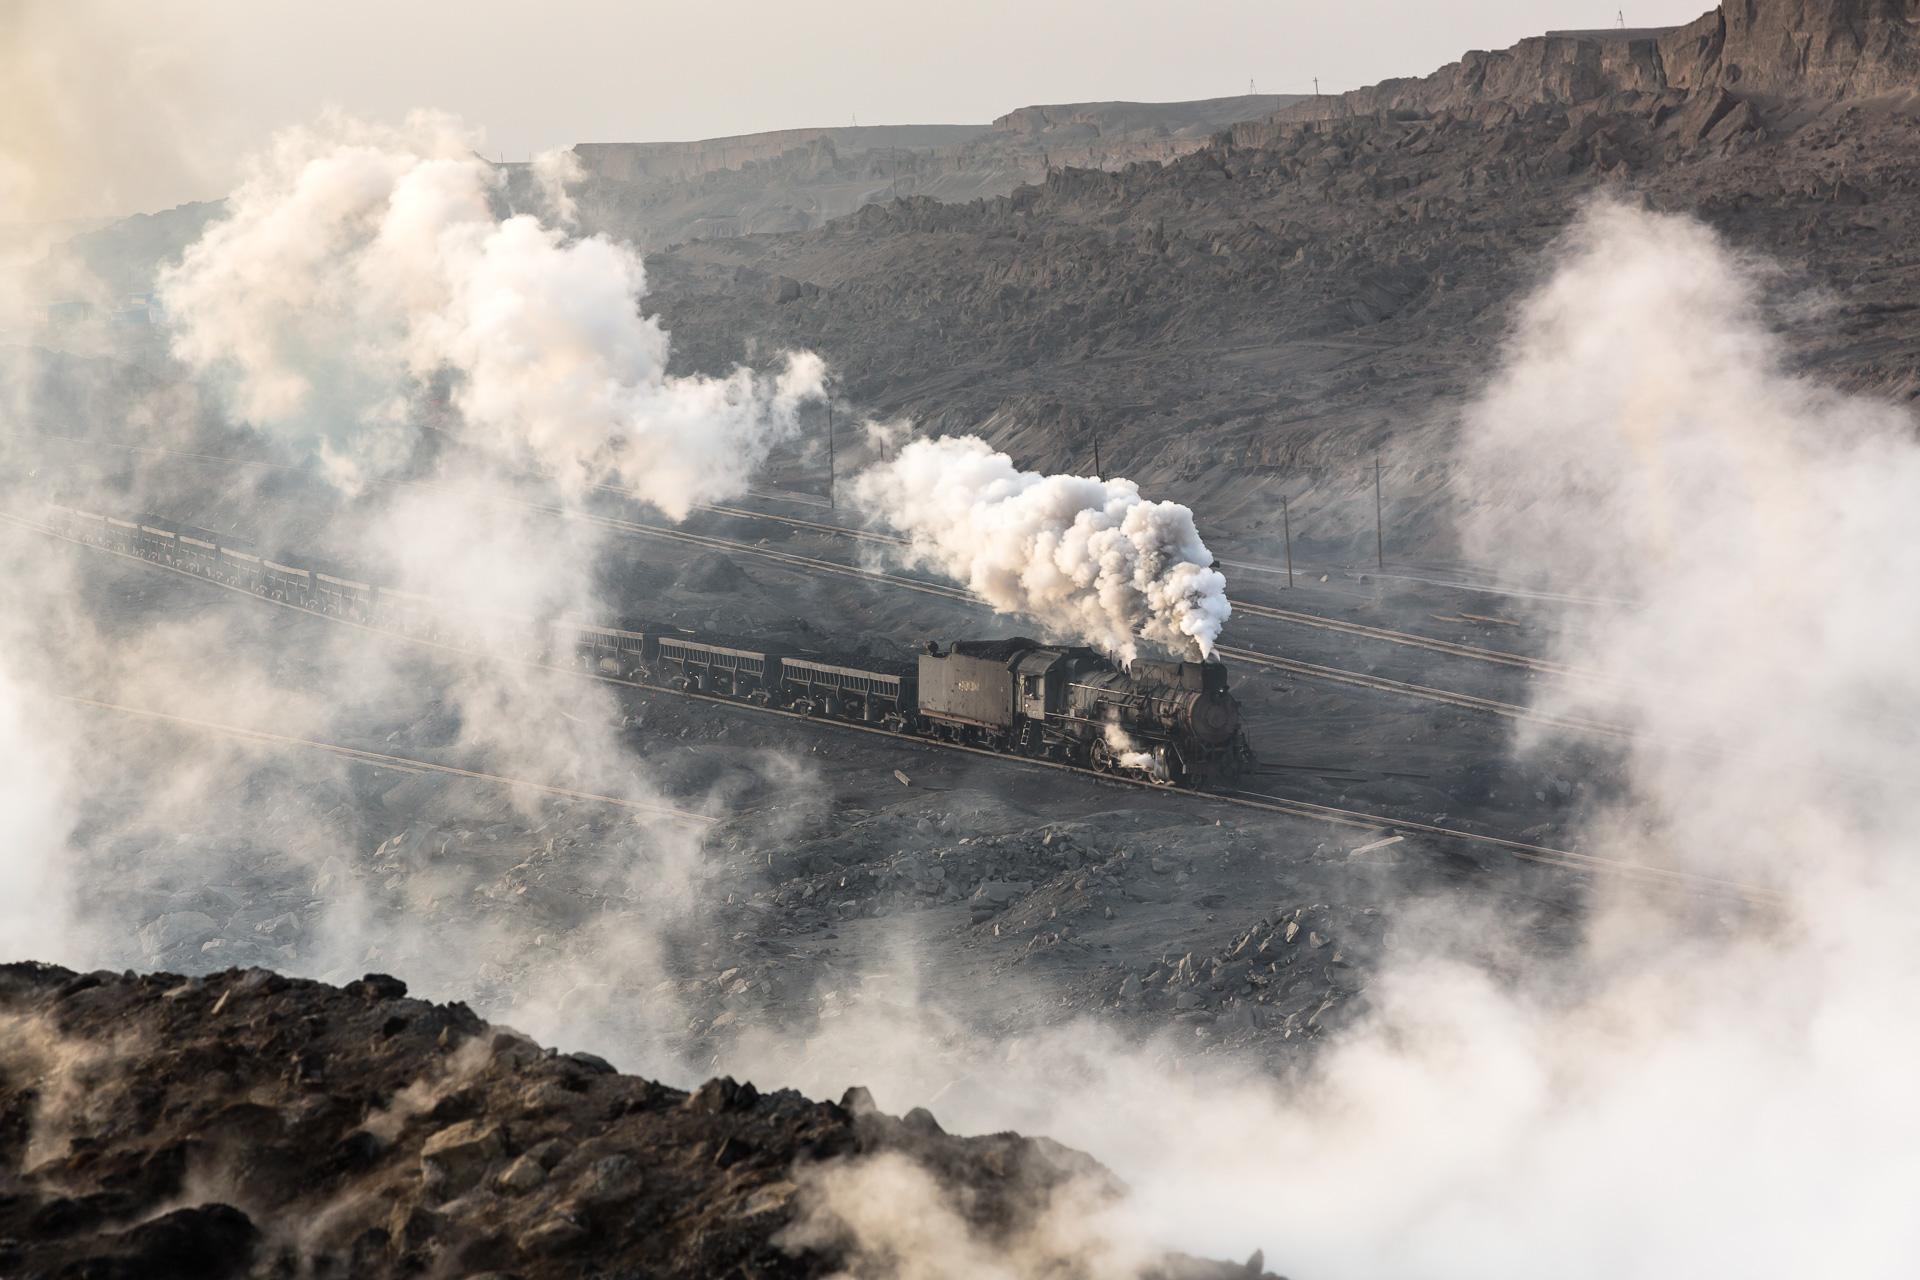 im Vordergrund: Kohleflöze brennen unter der geschundenen Oberfläche